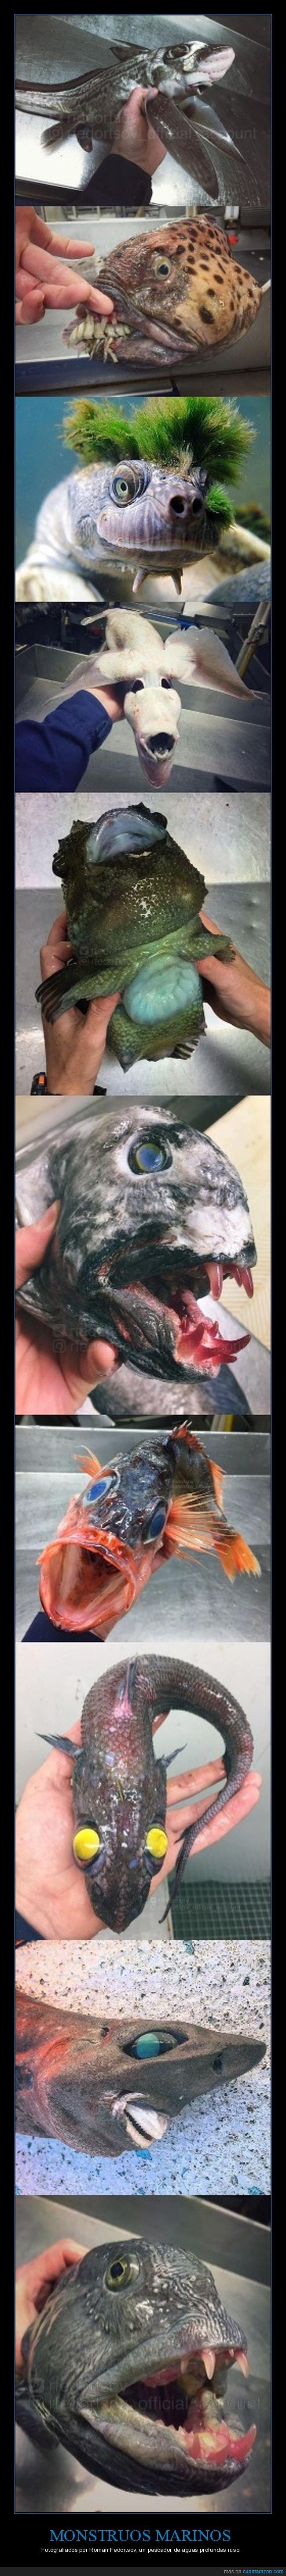 aguas profundas,monstruos marinos,peces,pescador